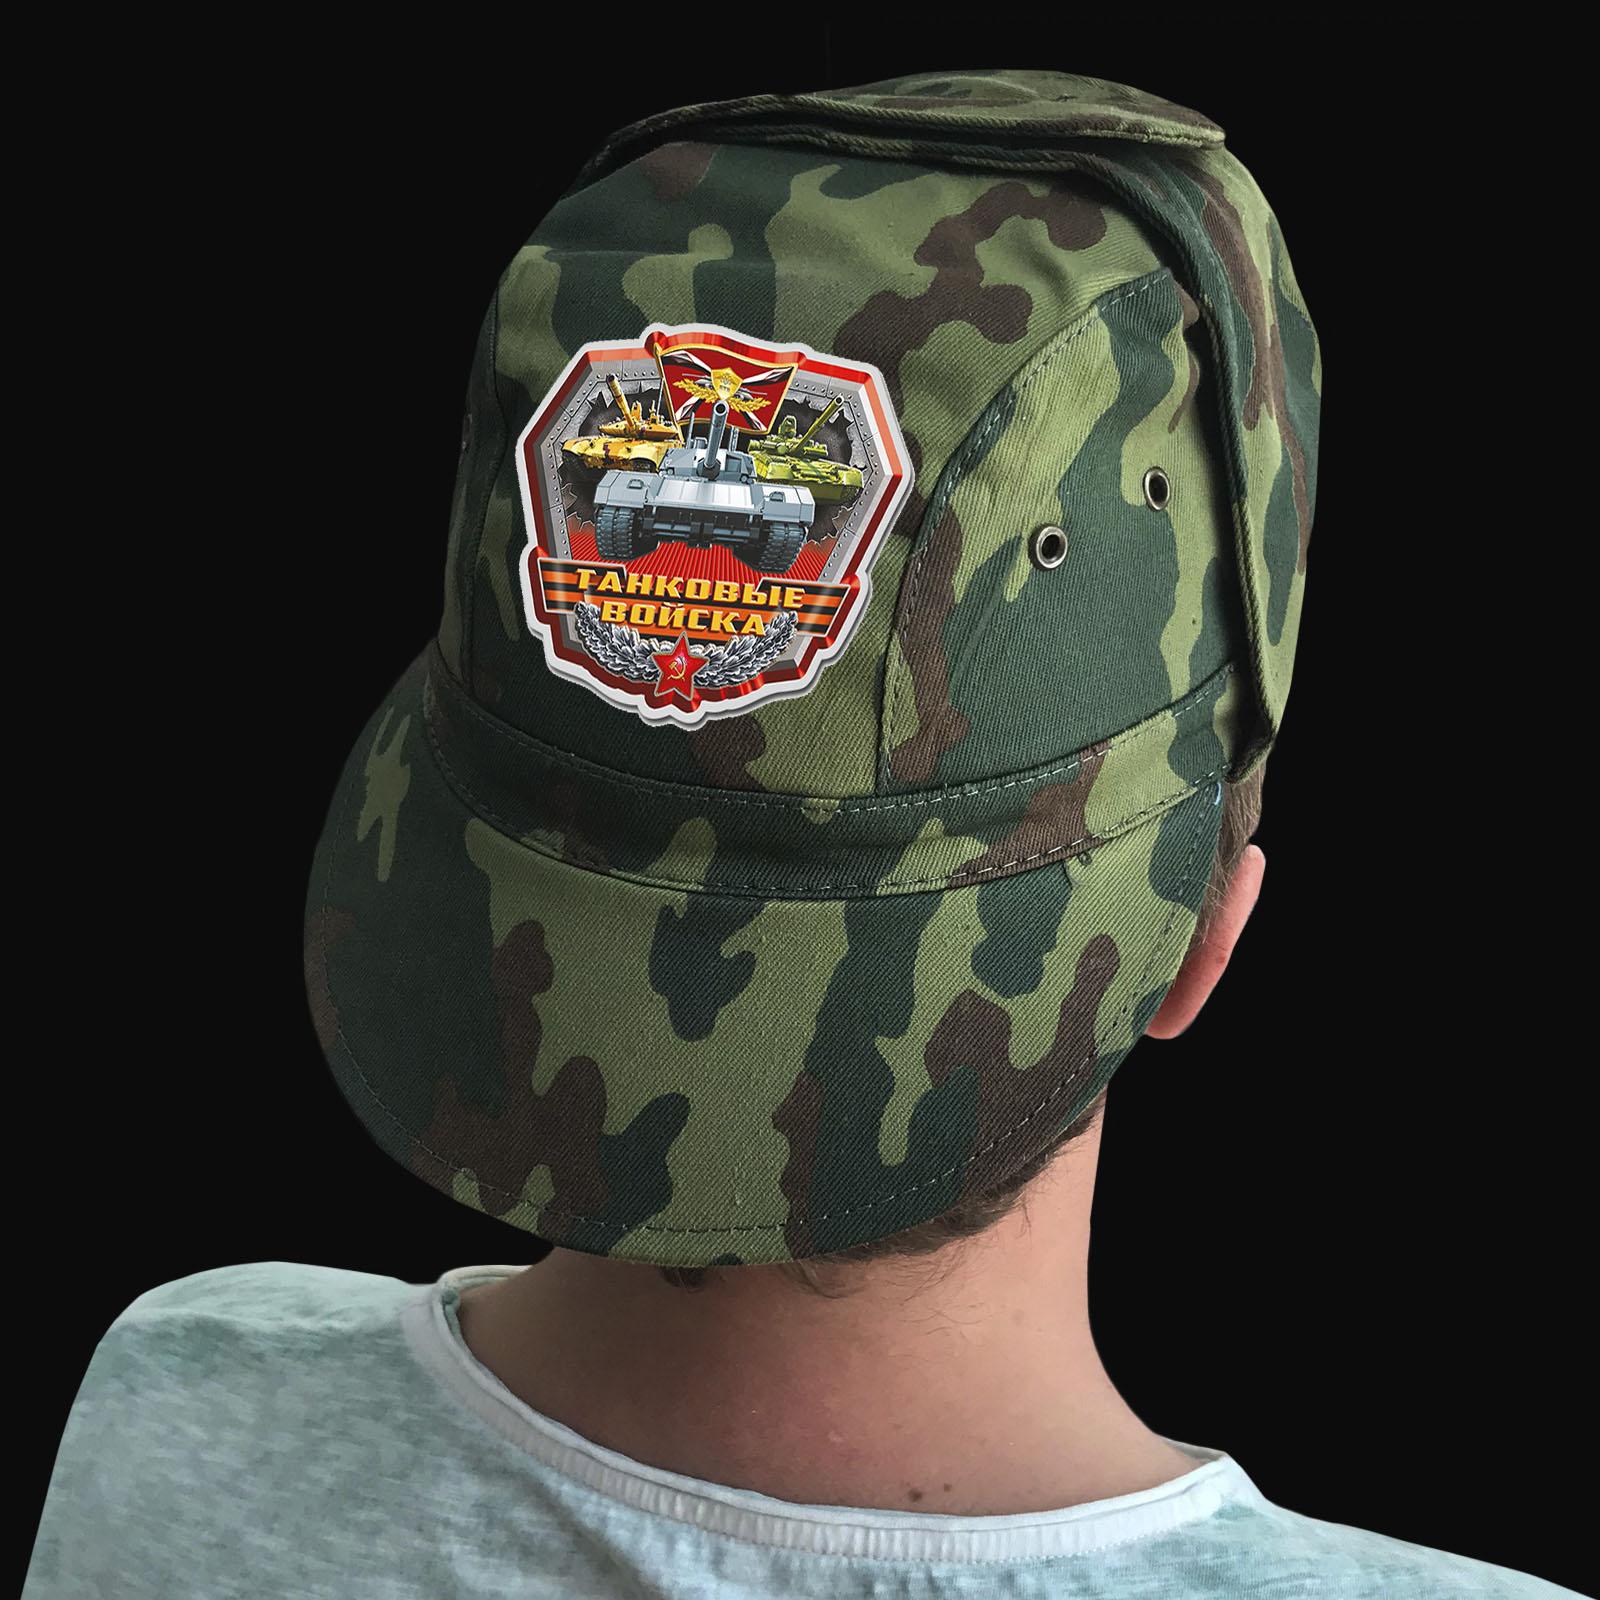 Купить защитную милитари-кепку с термонаклейкой Танковые Войска в подарок мужу